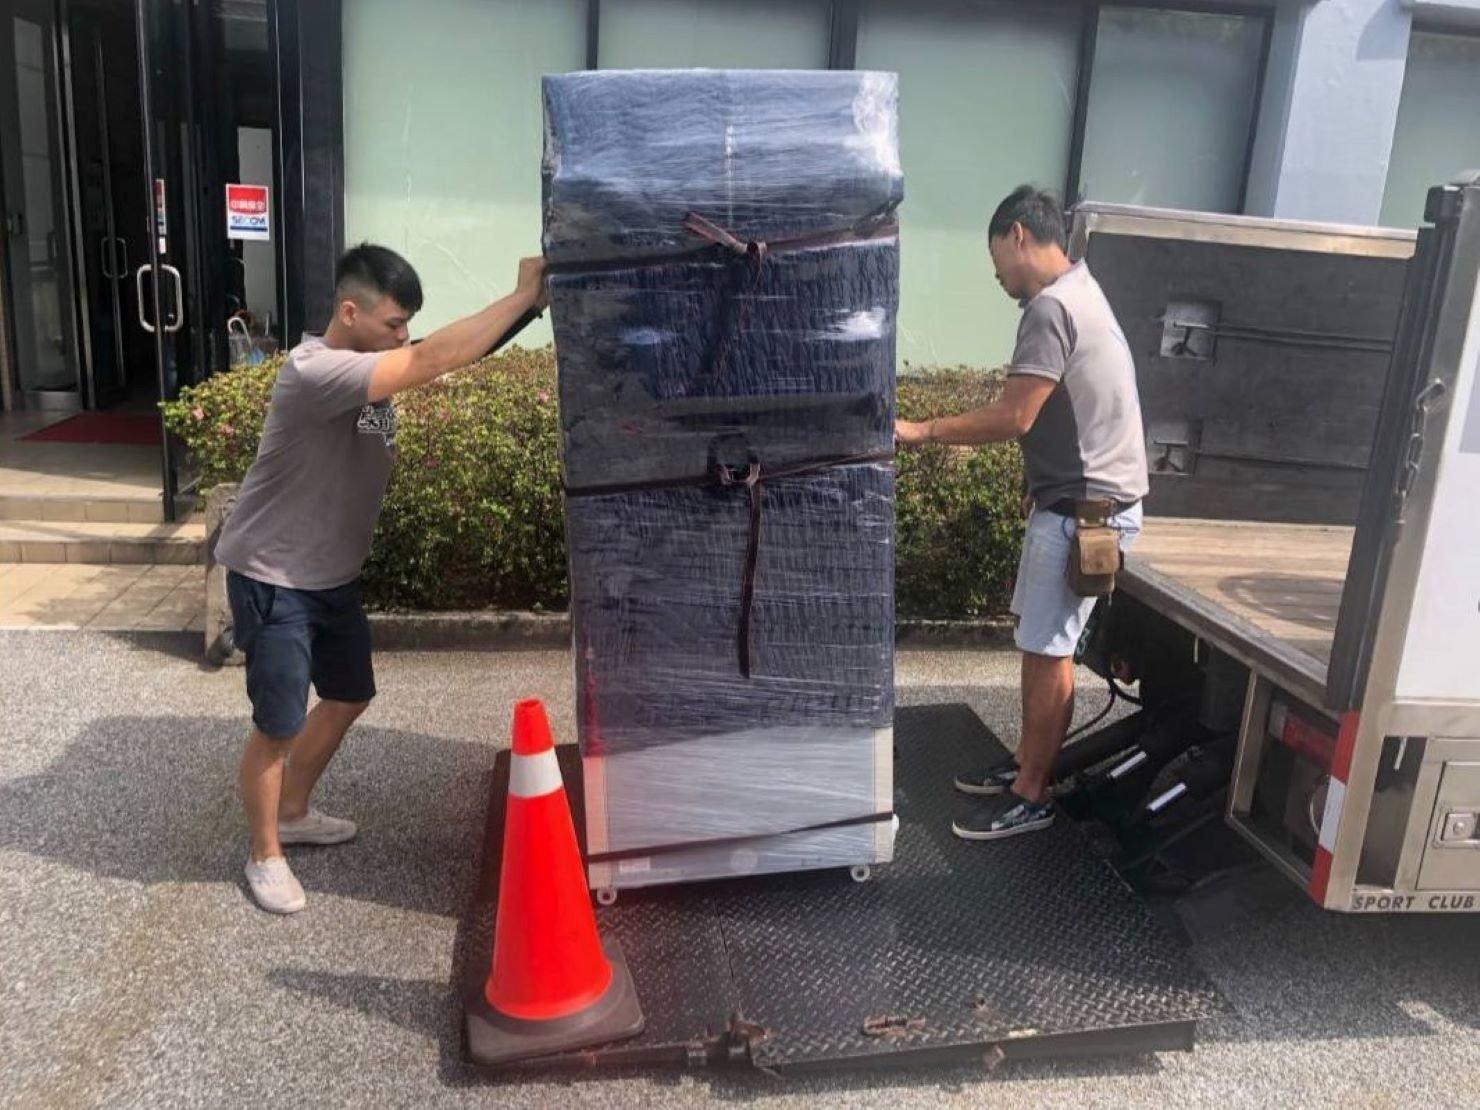 搬冰箱【榮福搬家公司】台北搬家、新北搬家、重物搬運:將實驗室用的冷凍冰箱以布套、膠膜、布繩及束帶做防護包裝。